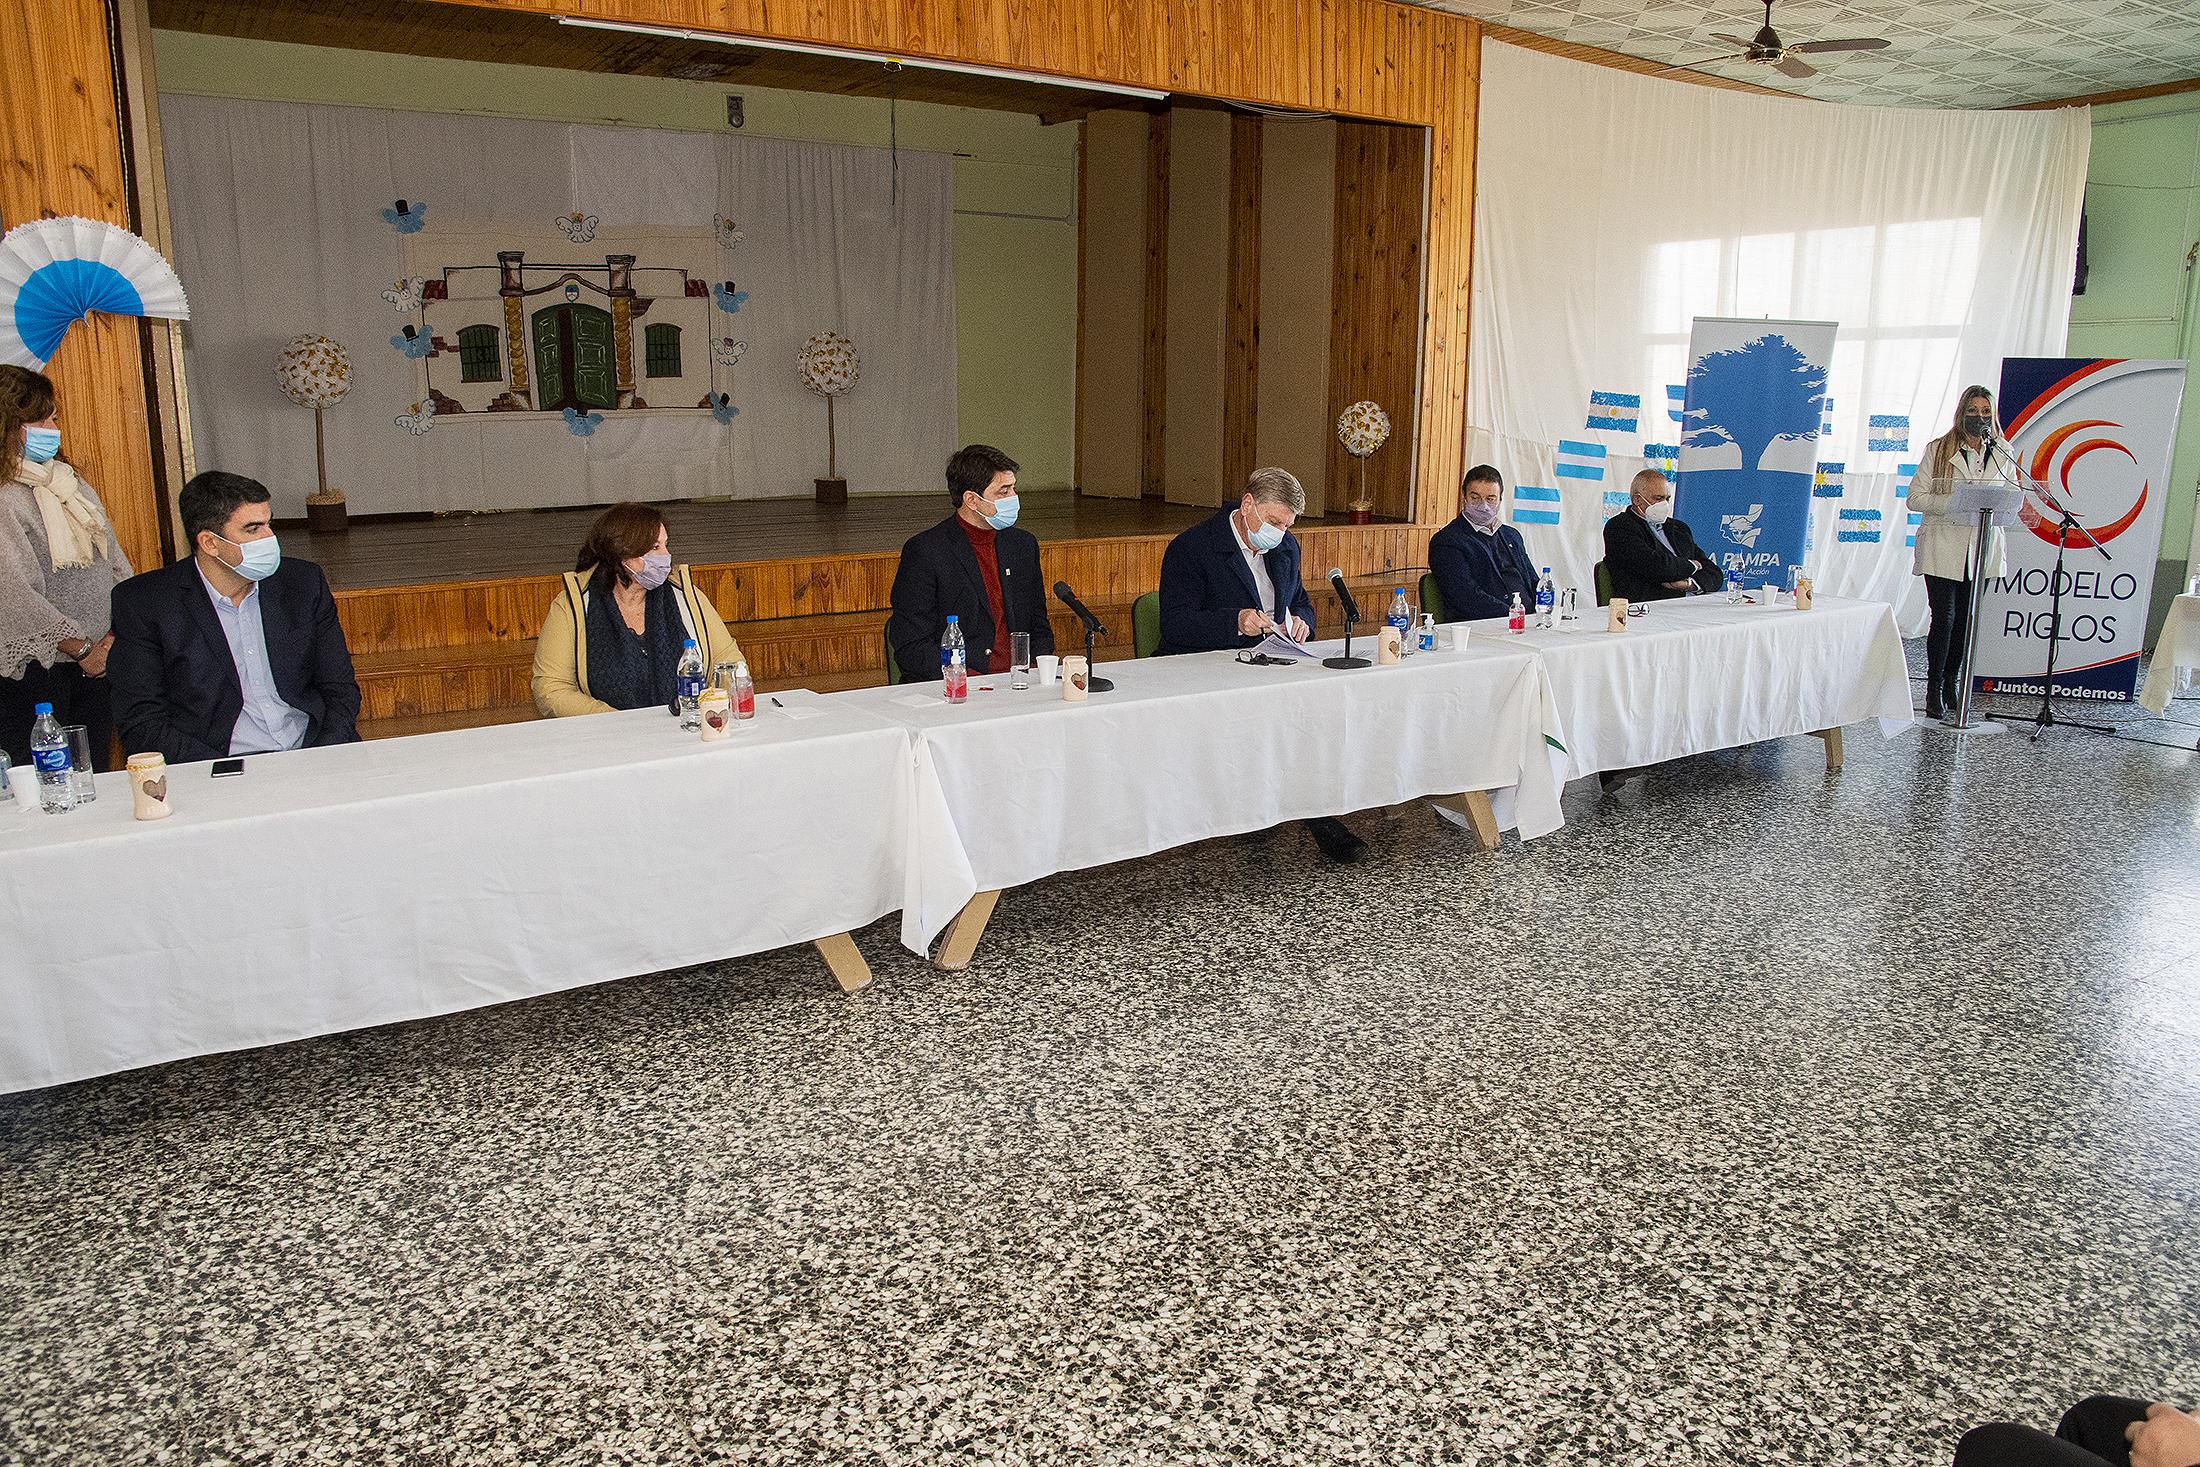 Licitaron la ampliación y refacción de la escuela de Riglos por $ 220 millones